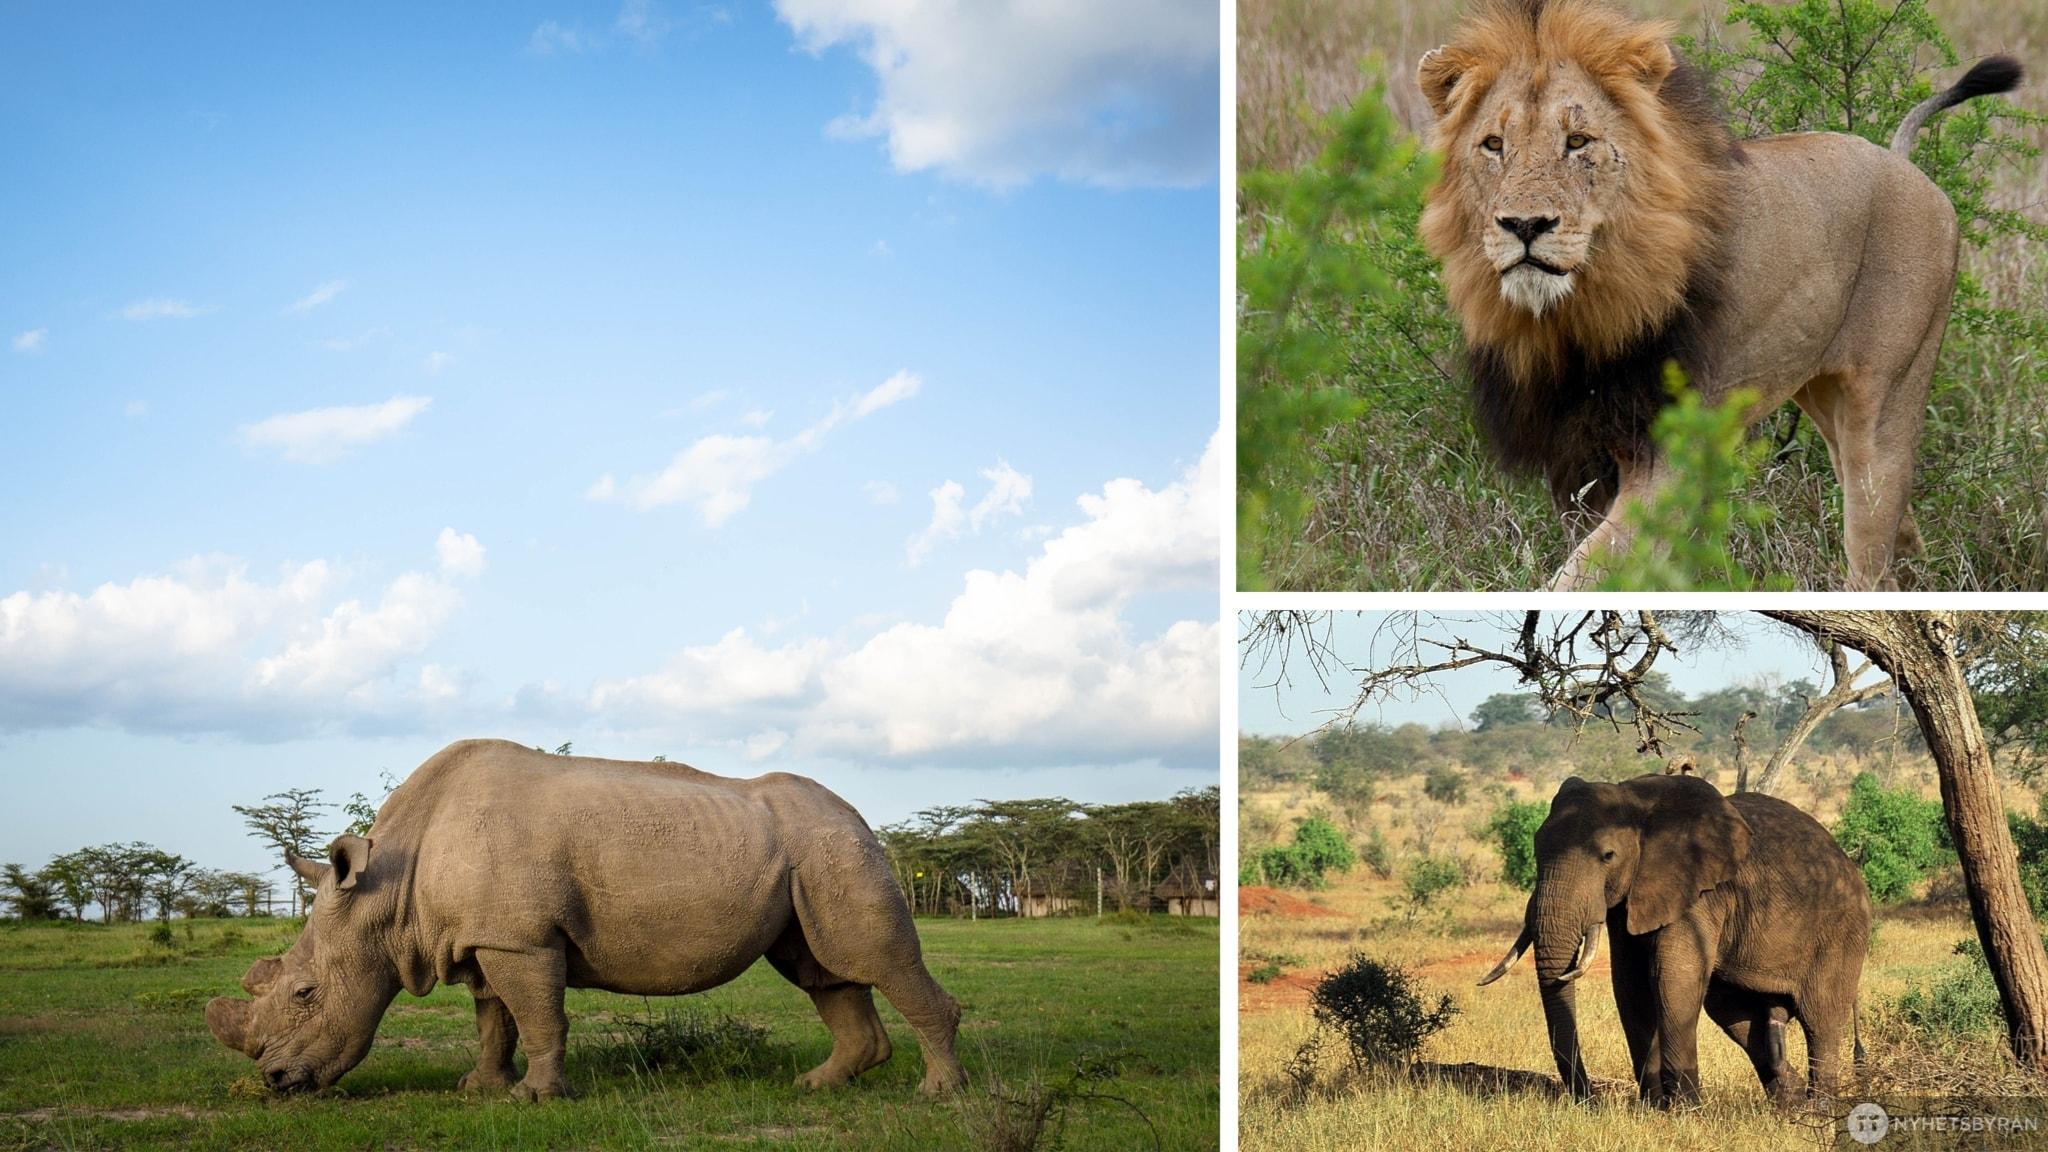 Inte för sent att rädda utrotningshotade djur